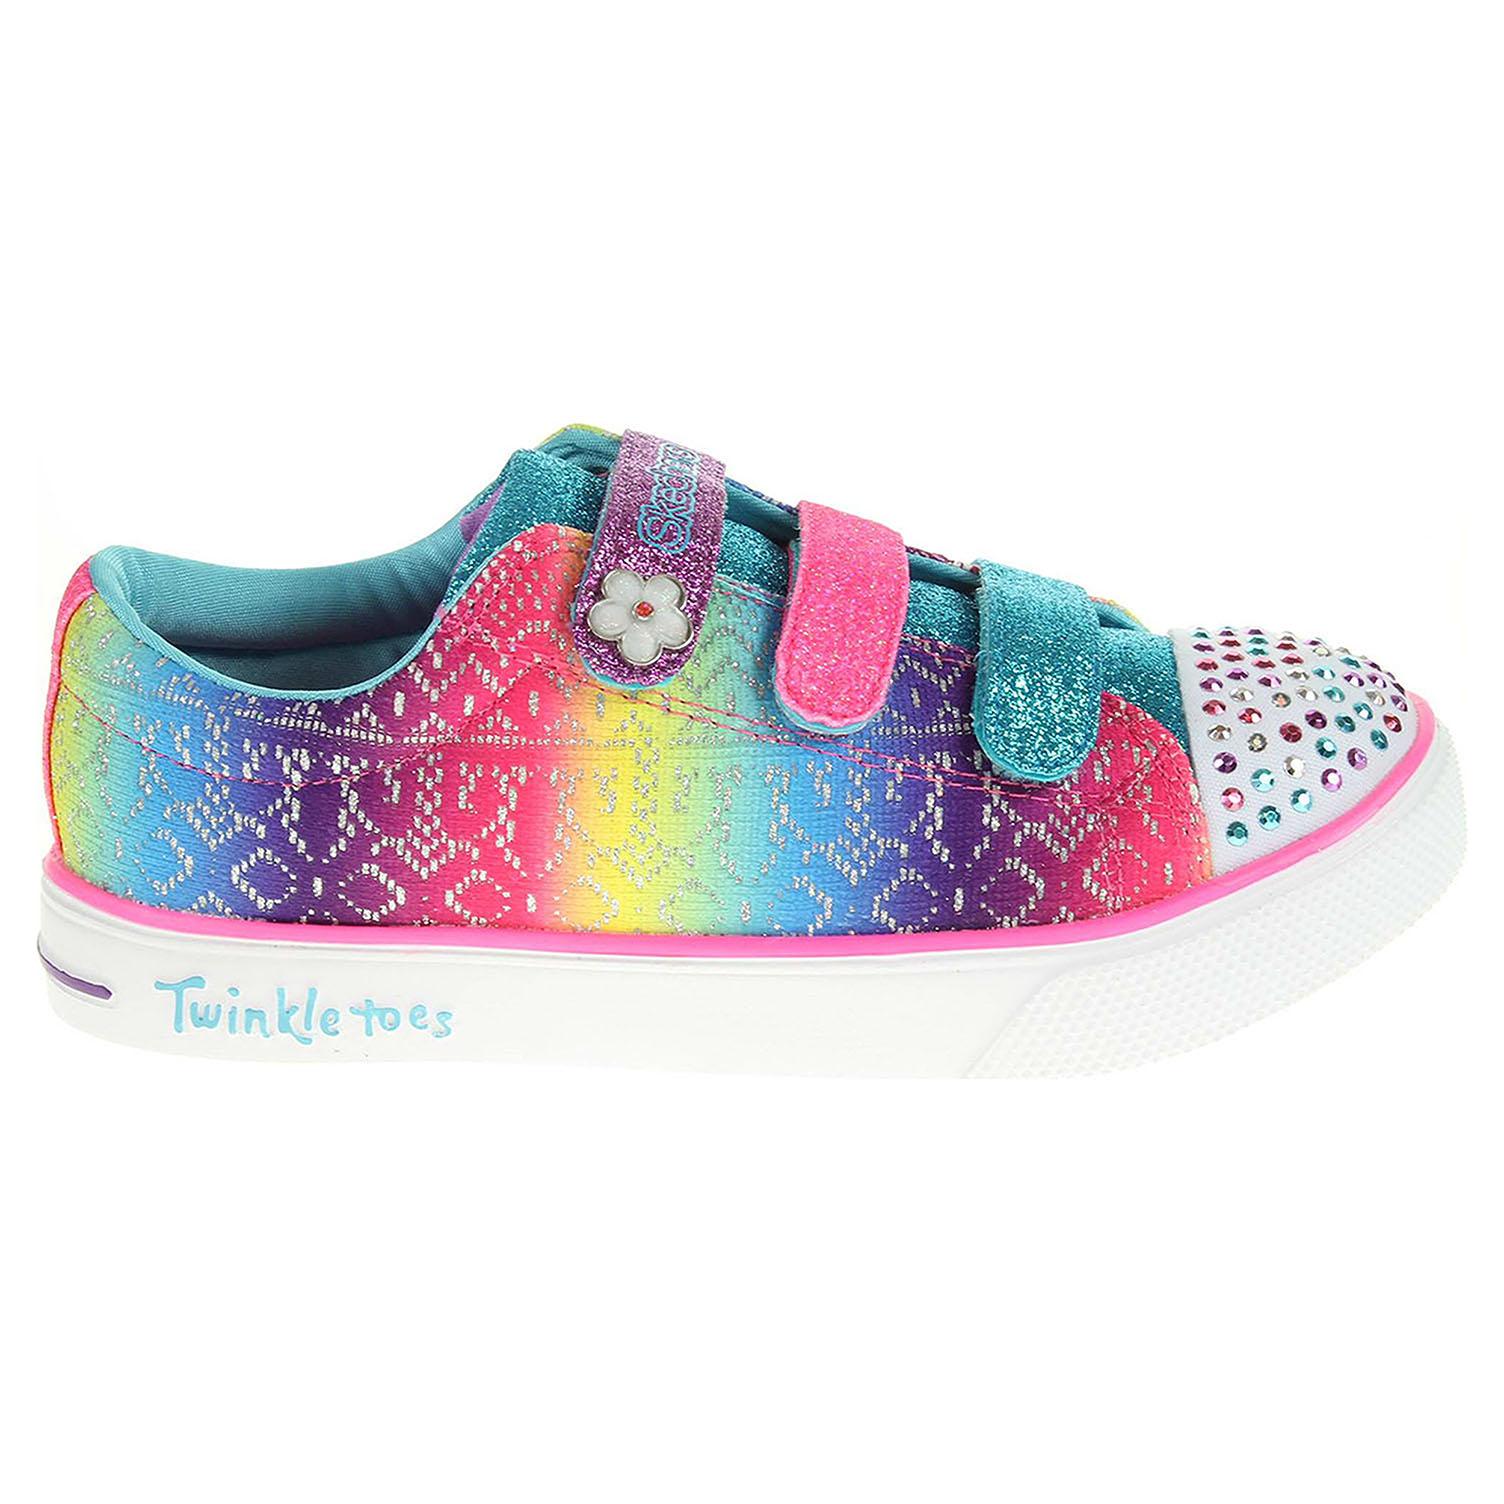 Ecco Skechers S Lights-Twinkle Breeze 2.0 - Sunshine Crochets 26600132 de0298d158